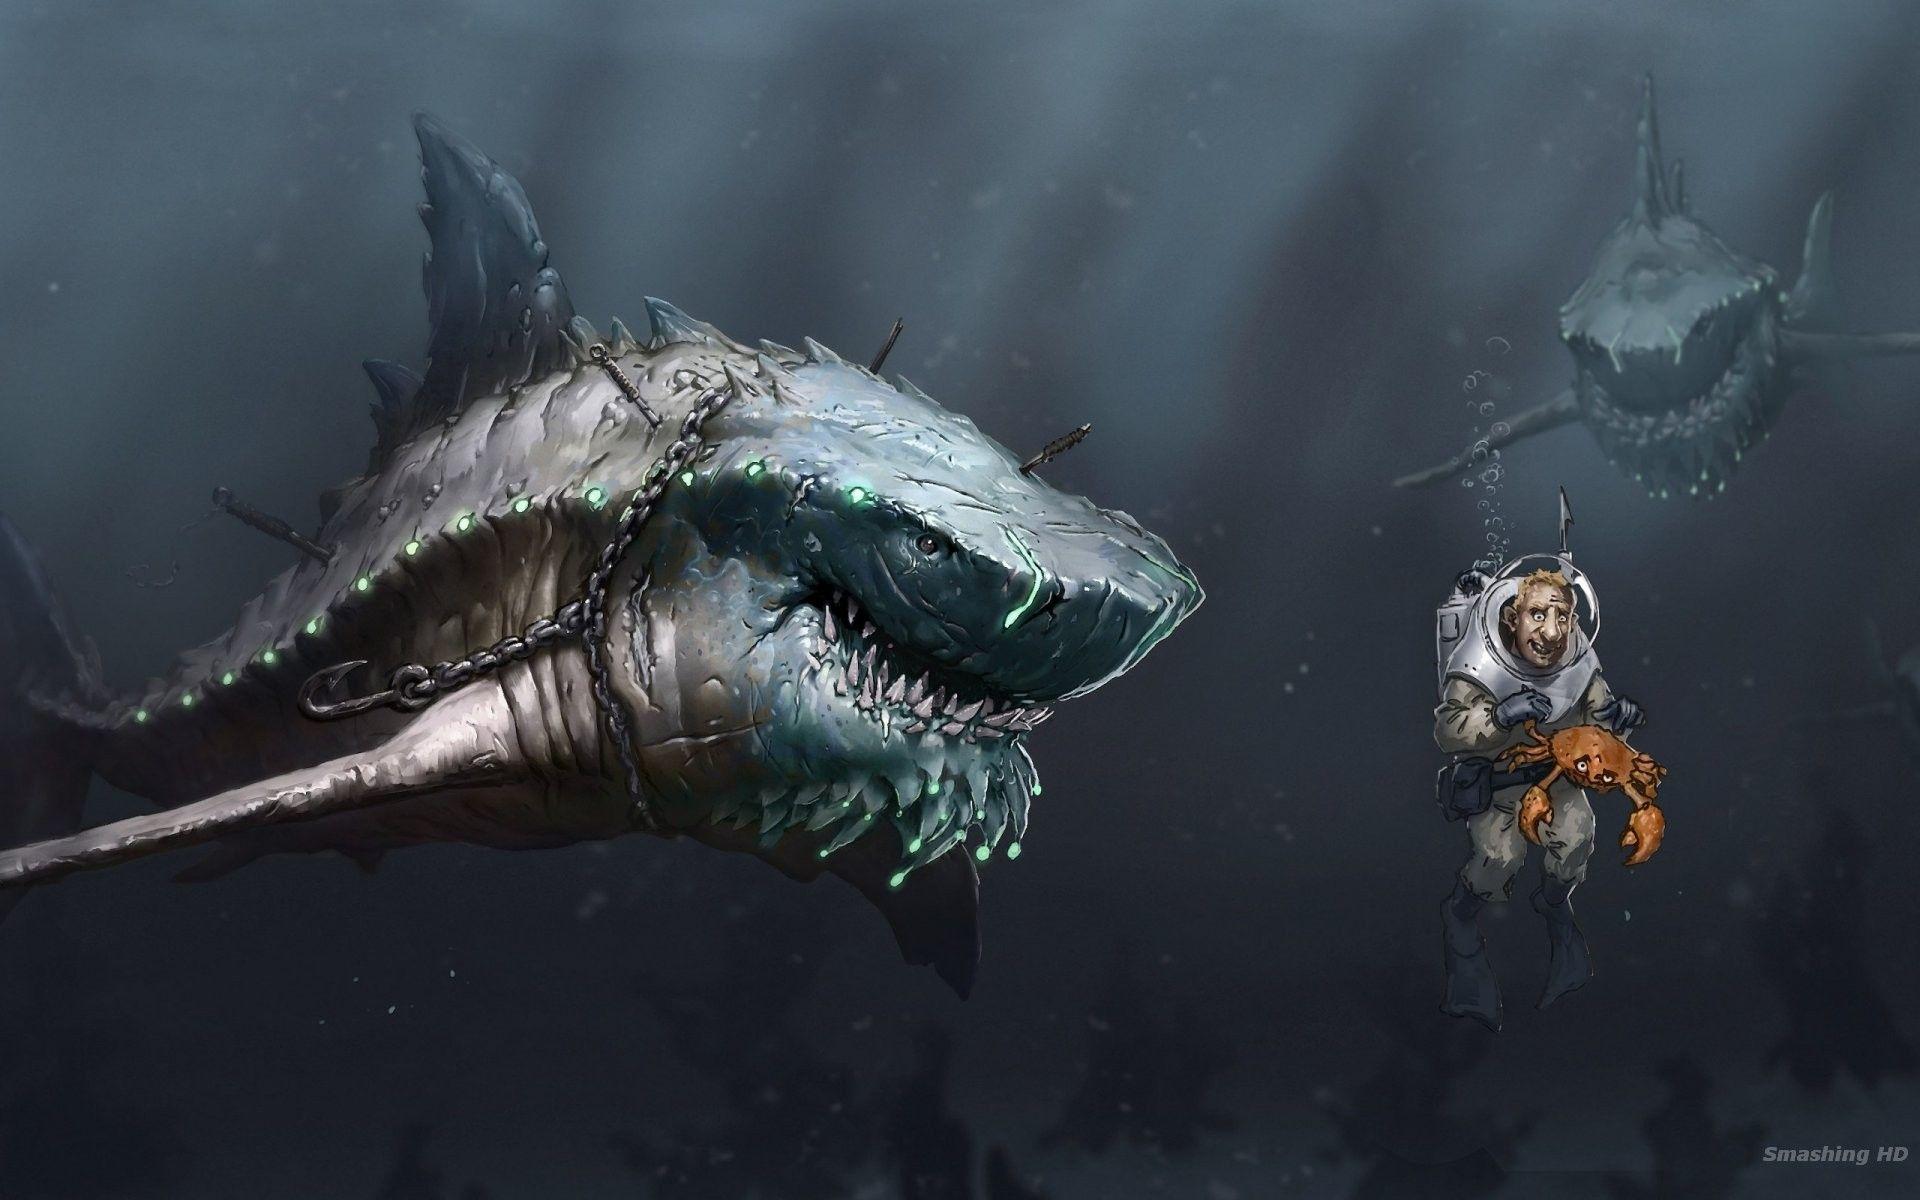 megalodon #predators #starvation #dark #ocean #wallpaper